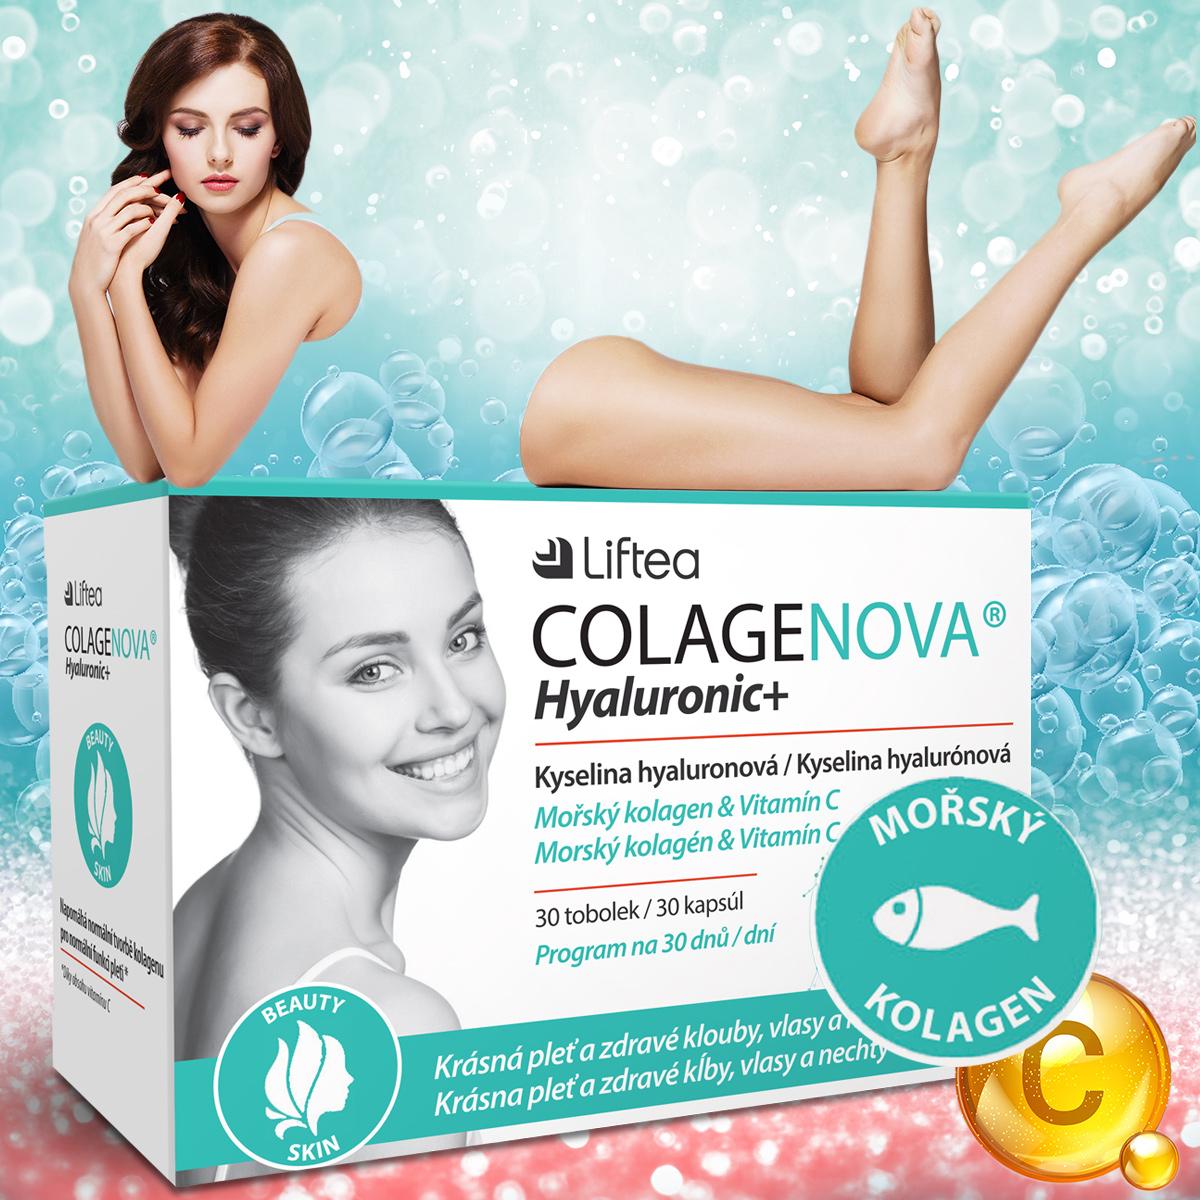 Doplněk stravy Colagenova Hyaluronic+ je pomocníkem k mladšímu vzhledu pokožky, která je hydratovaná, pružná a současně pevná, i k zdravým kloubům.